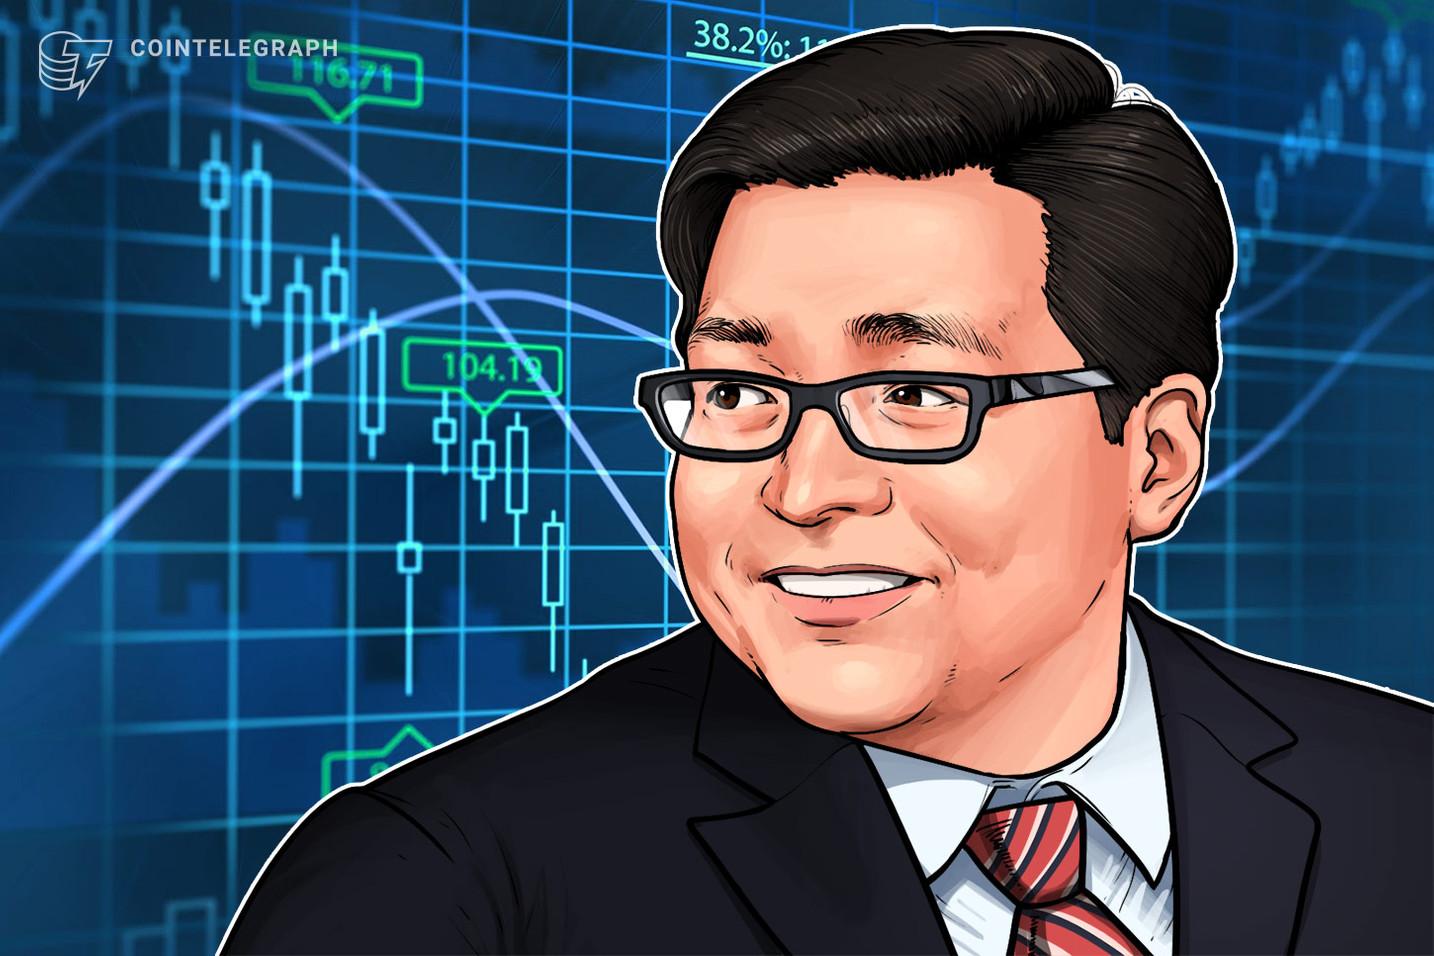 L'attuale mercato ribassista è un ottimo momento per acquistare criptovalute, ha affermato Tom Lee